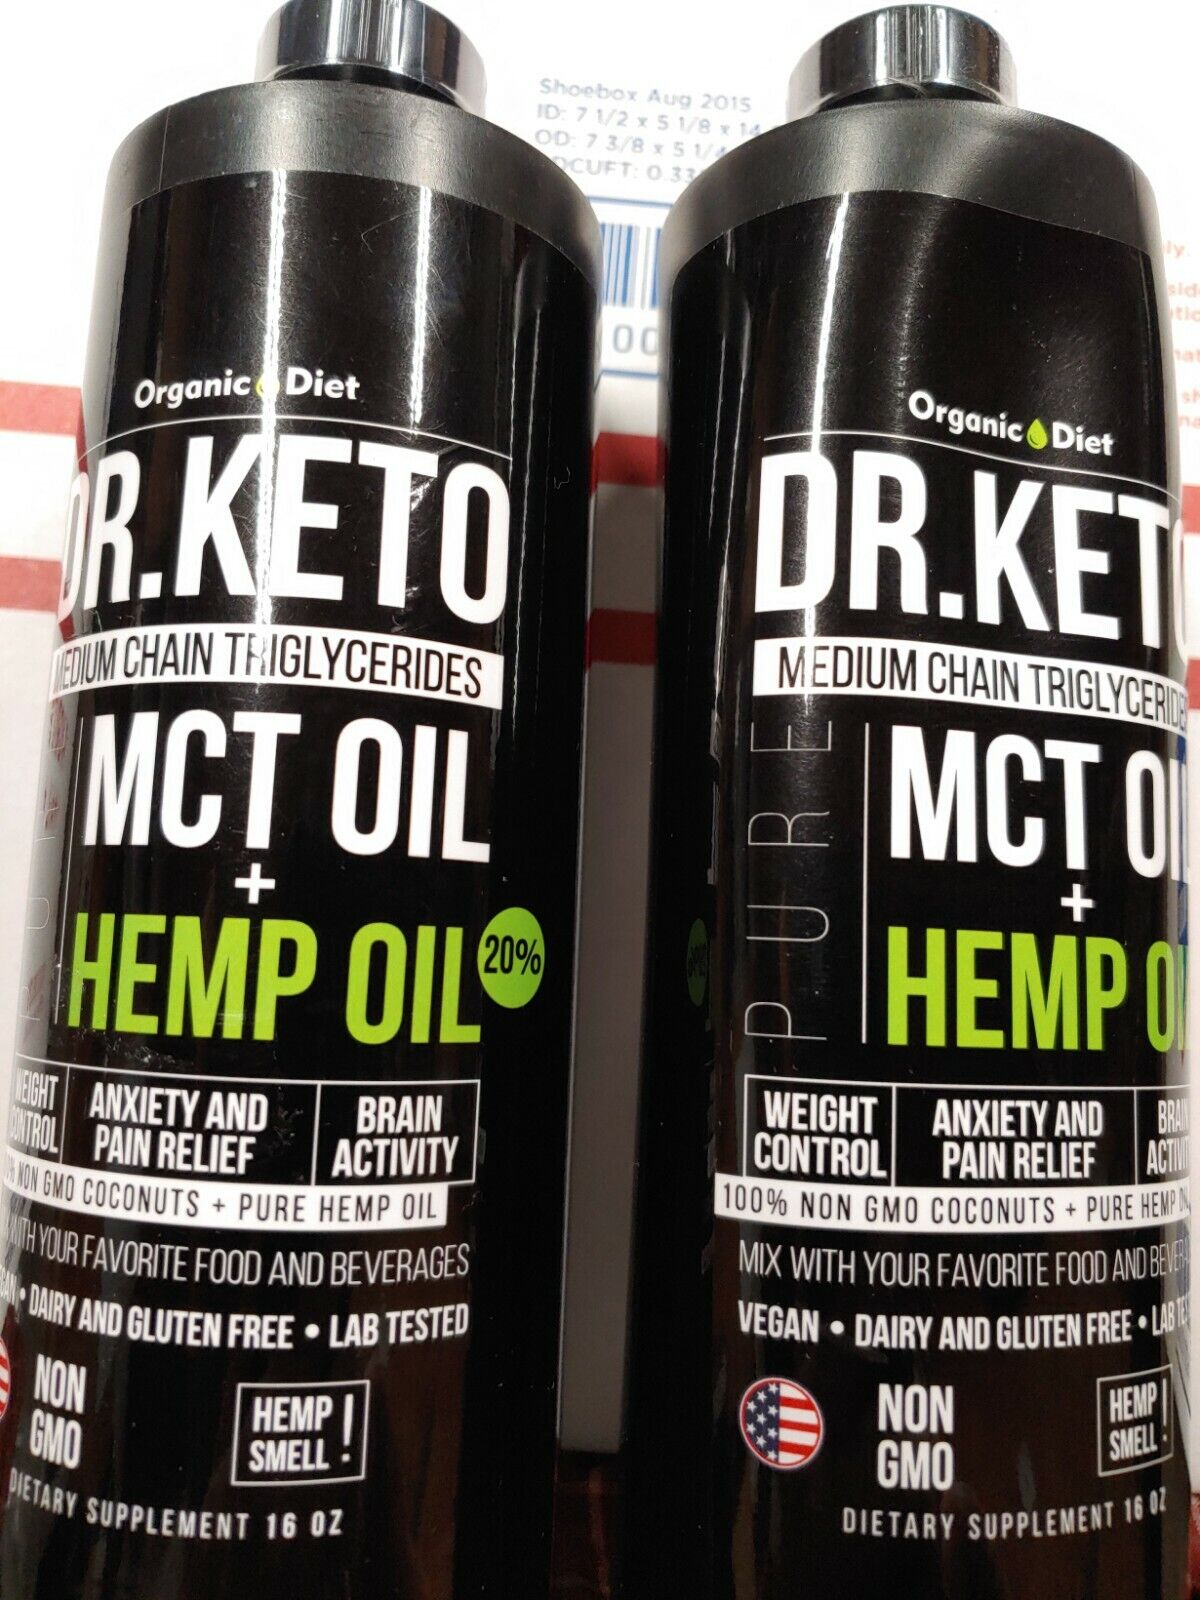 Organic Diet Dr. Keto MCT Oil + Hemp Oil 16 Oz.  Lot of 2. Non GMO